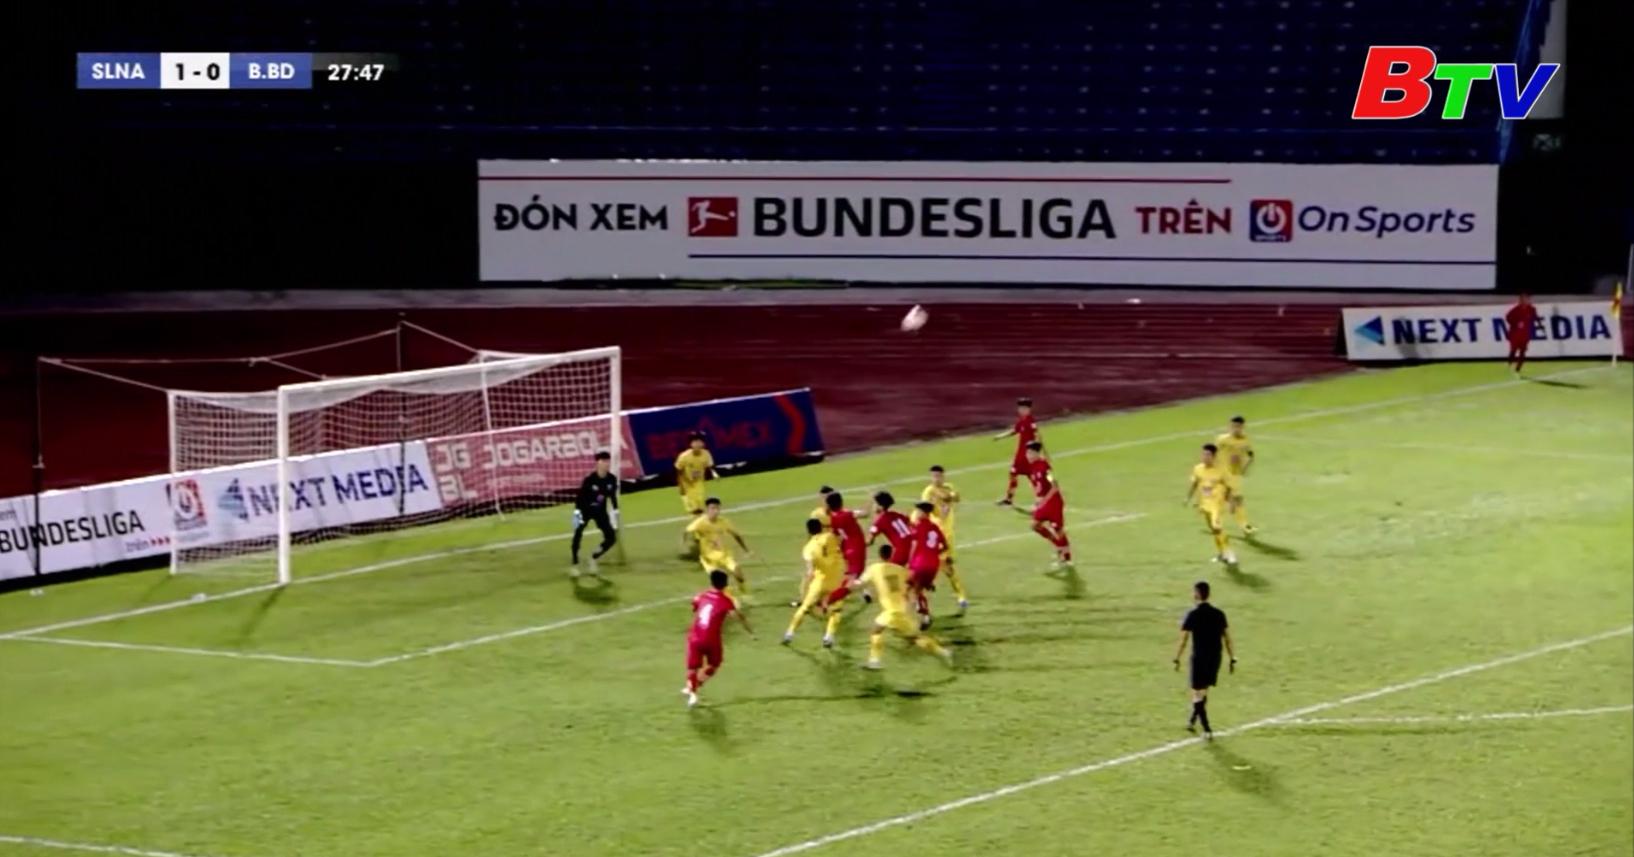 Vòng chung kết Giải bóng đá vô địch U15 Quốc gia - Next Media 2020 – Lượt 2 bảng A